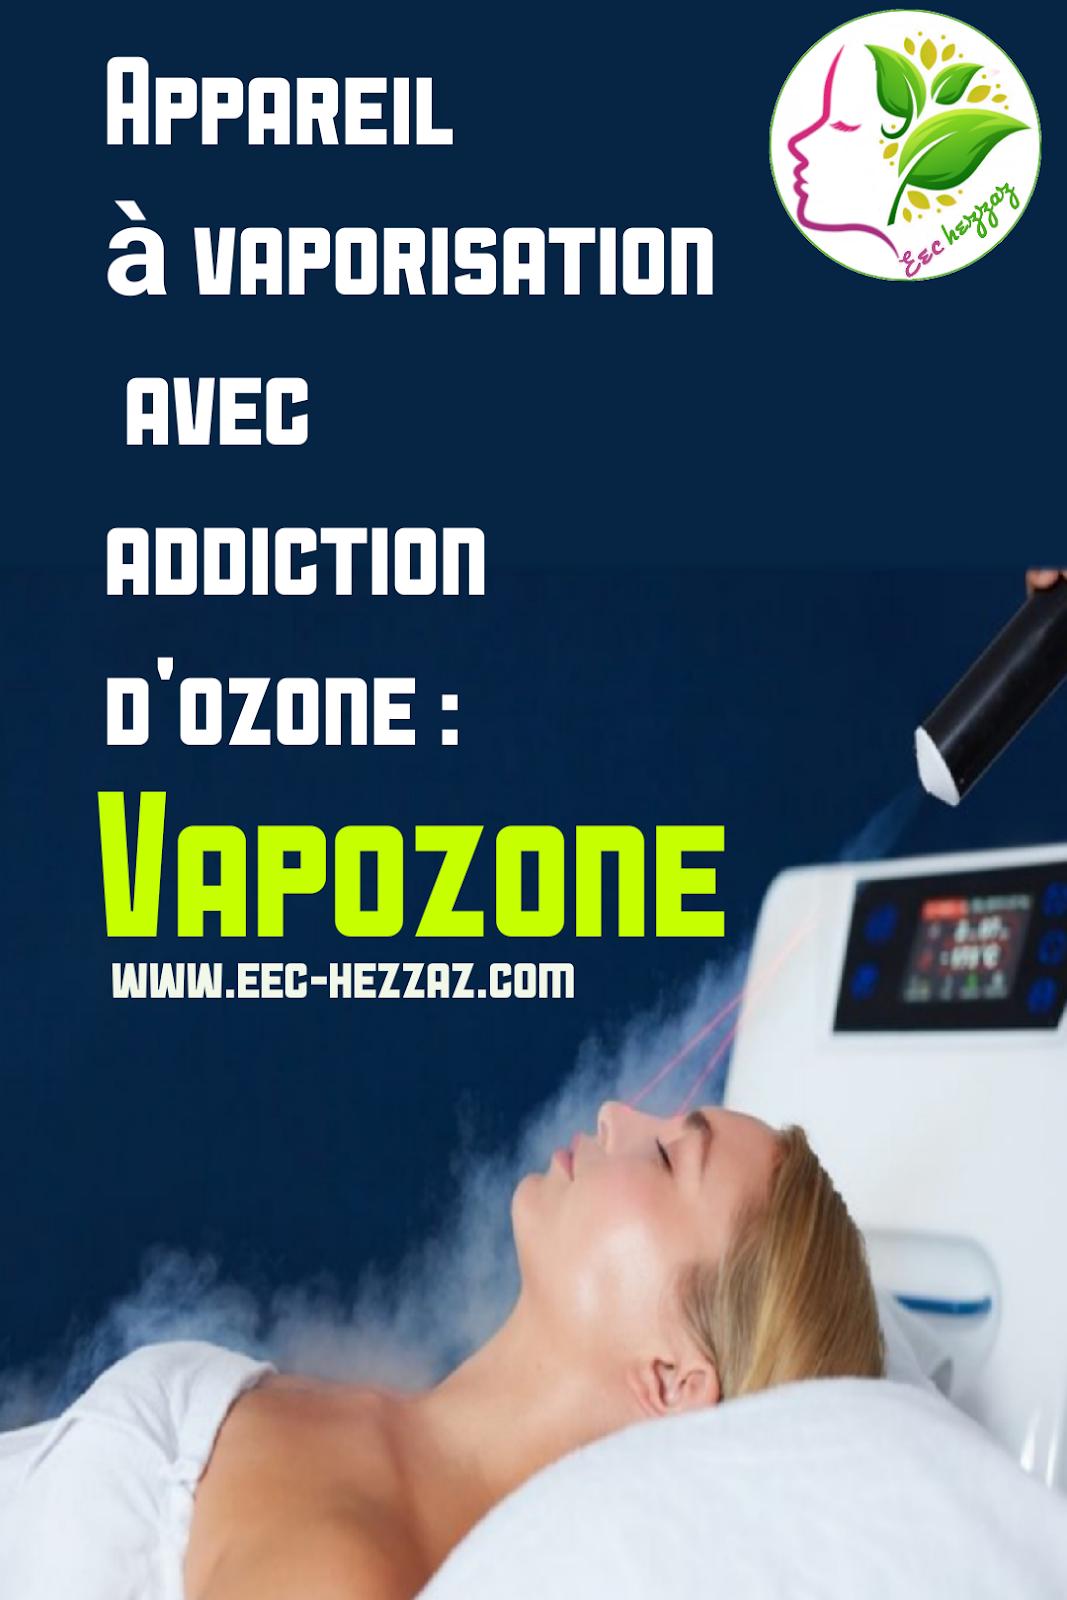 Appareil à vaporisation avec addiction d'ozone : Vapozone